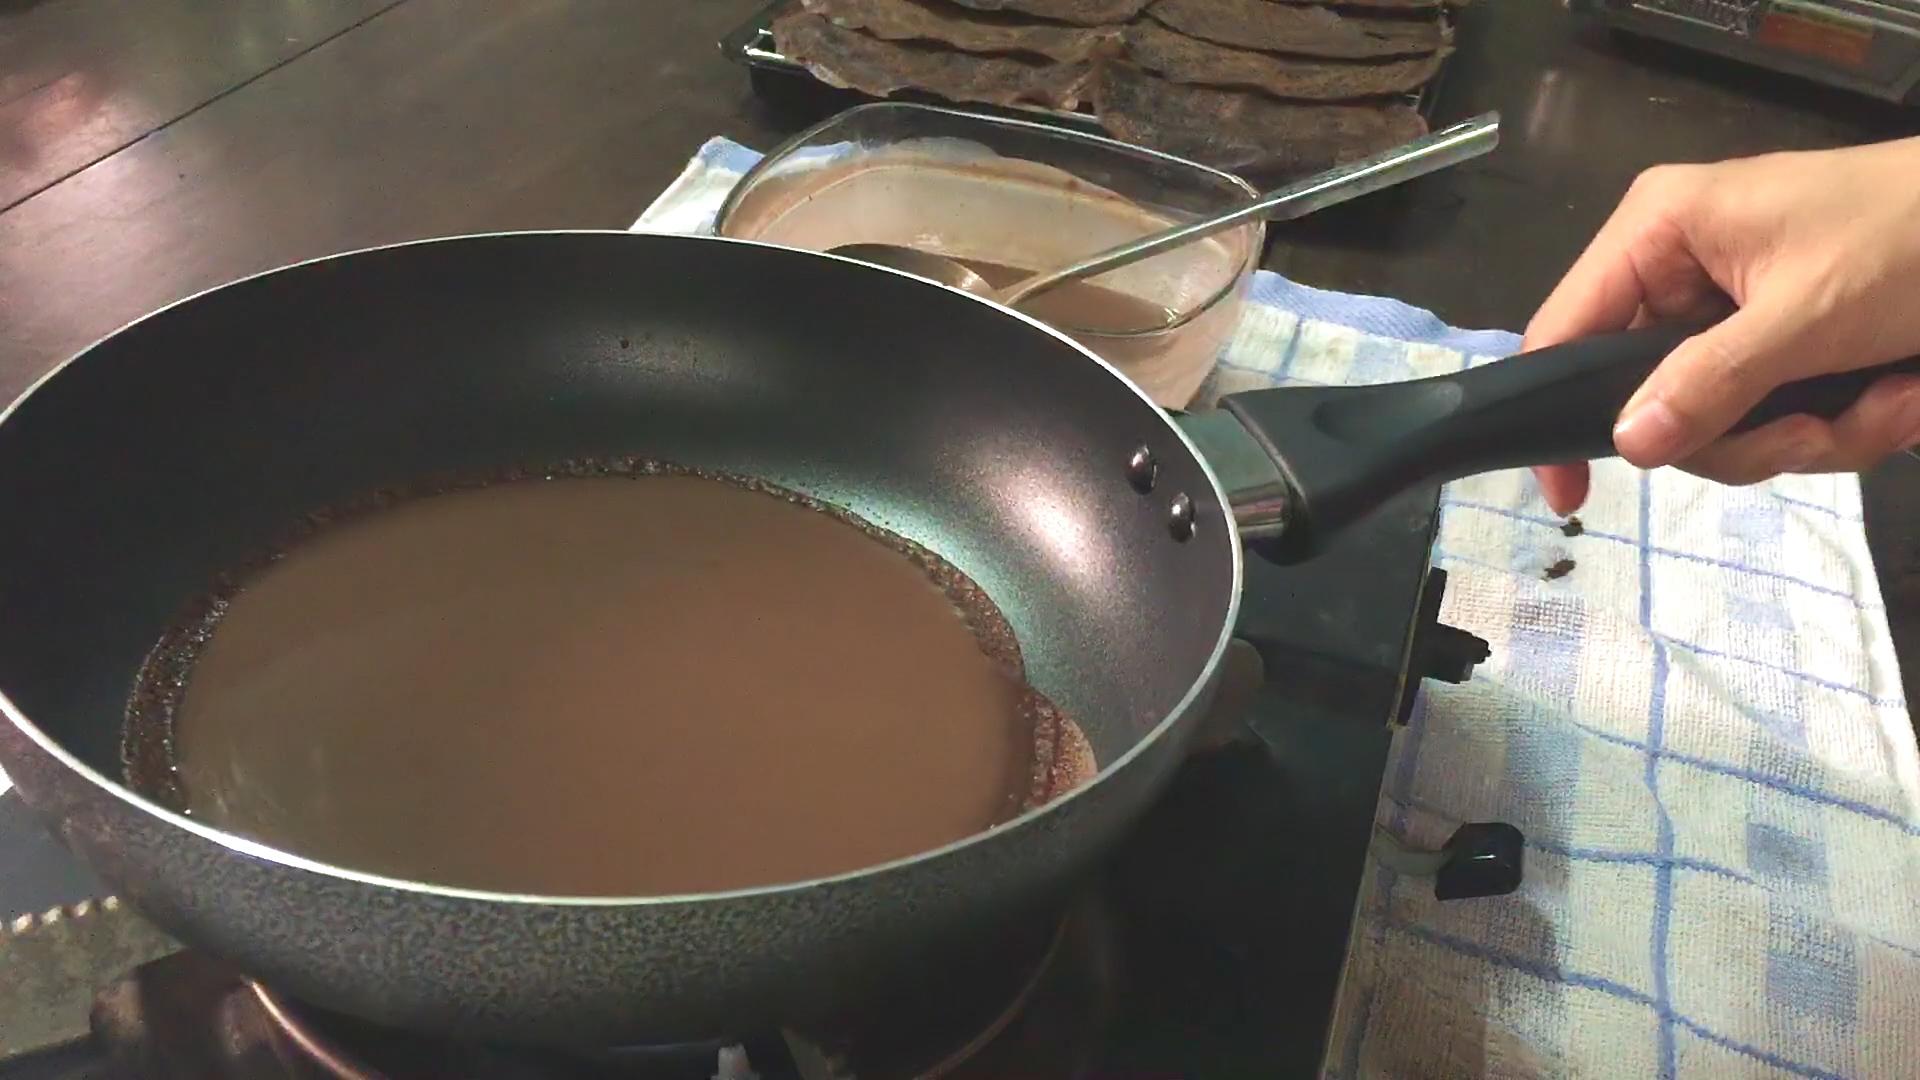 cách làm bánh crepe socola 5 cách làm bánh crepe socola Cách làm bánh Crepe Socola ngàn lớp cuộn kem ngon mãn nhãn cach lam banh Crepe Socola 5